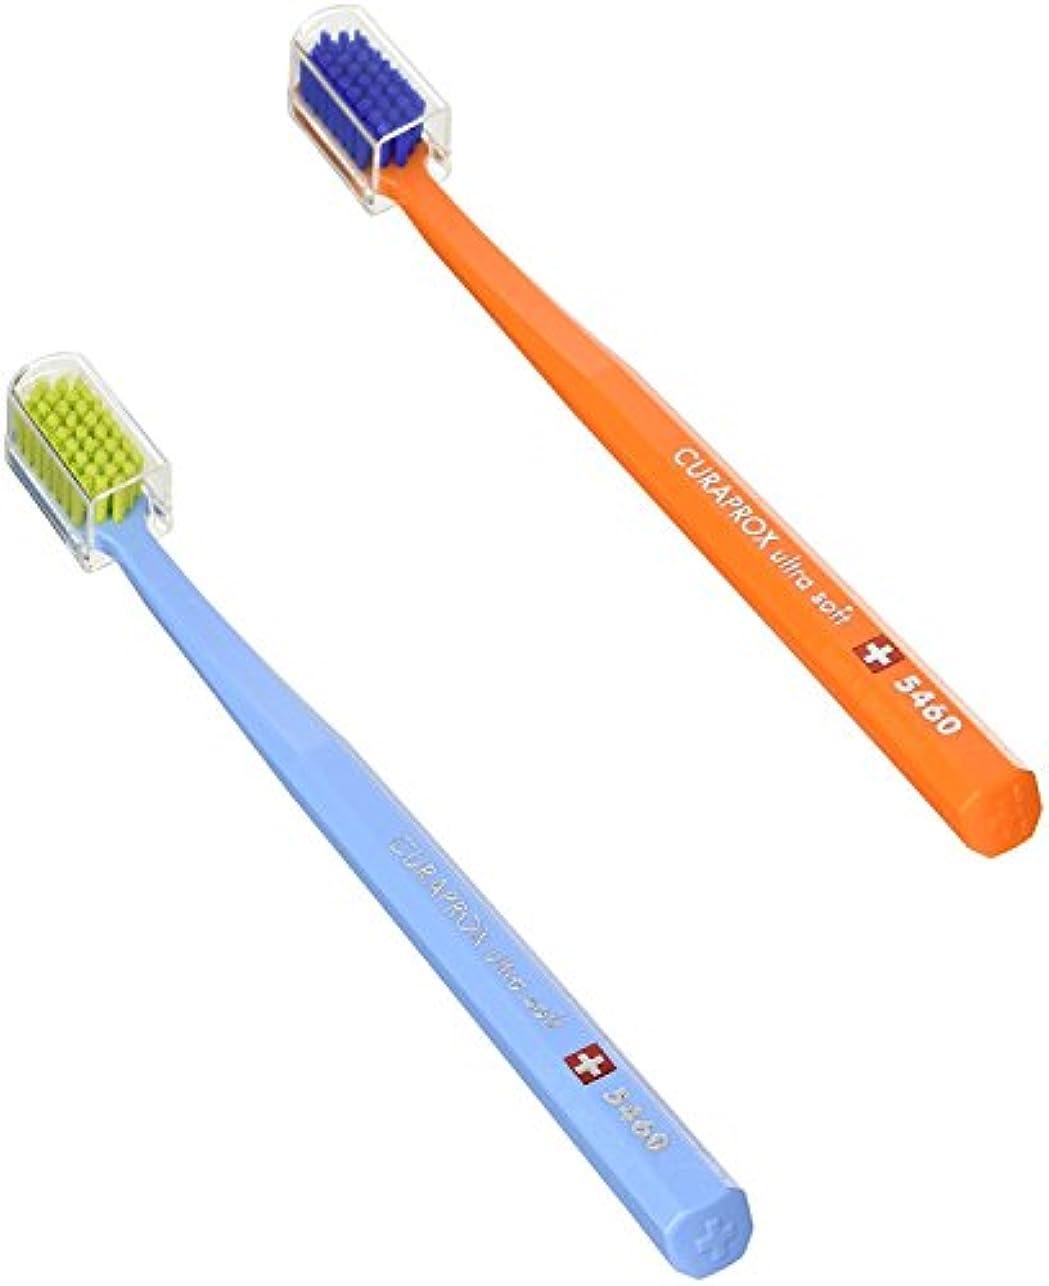 効能あるコンソール閲覧するキュラプロックス 5460ウルトラソフト歯ブラシ 2本